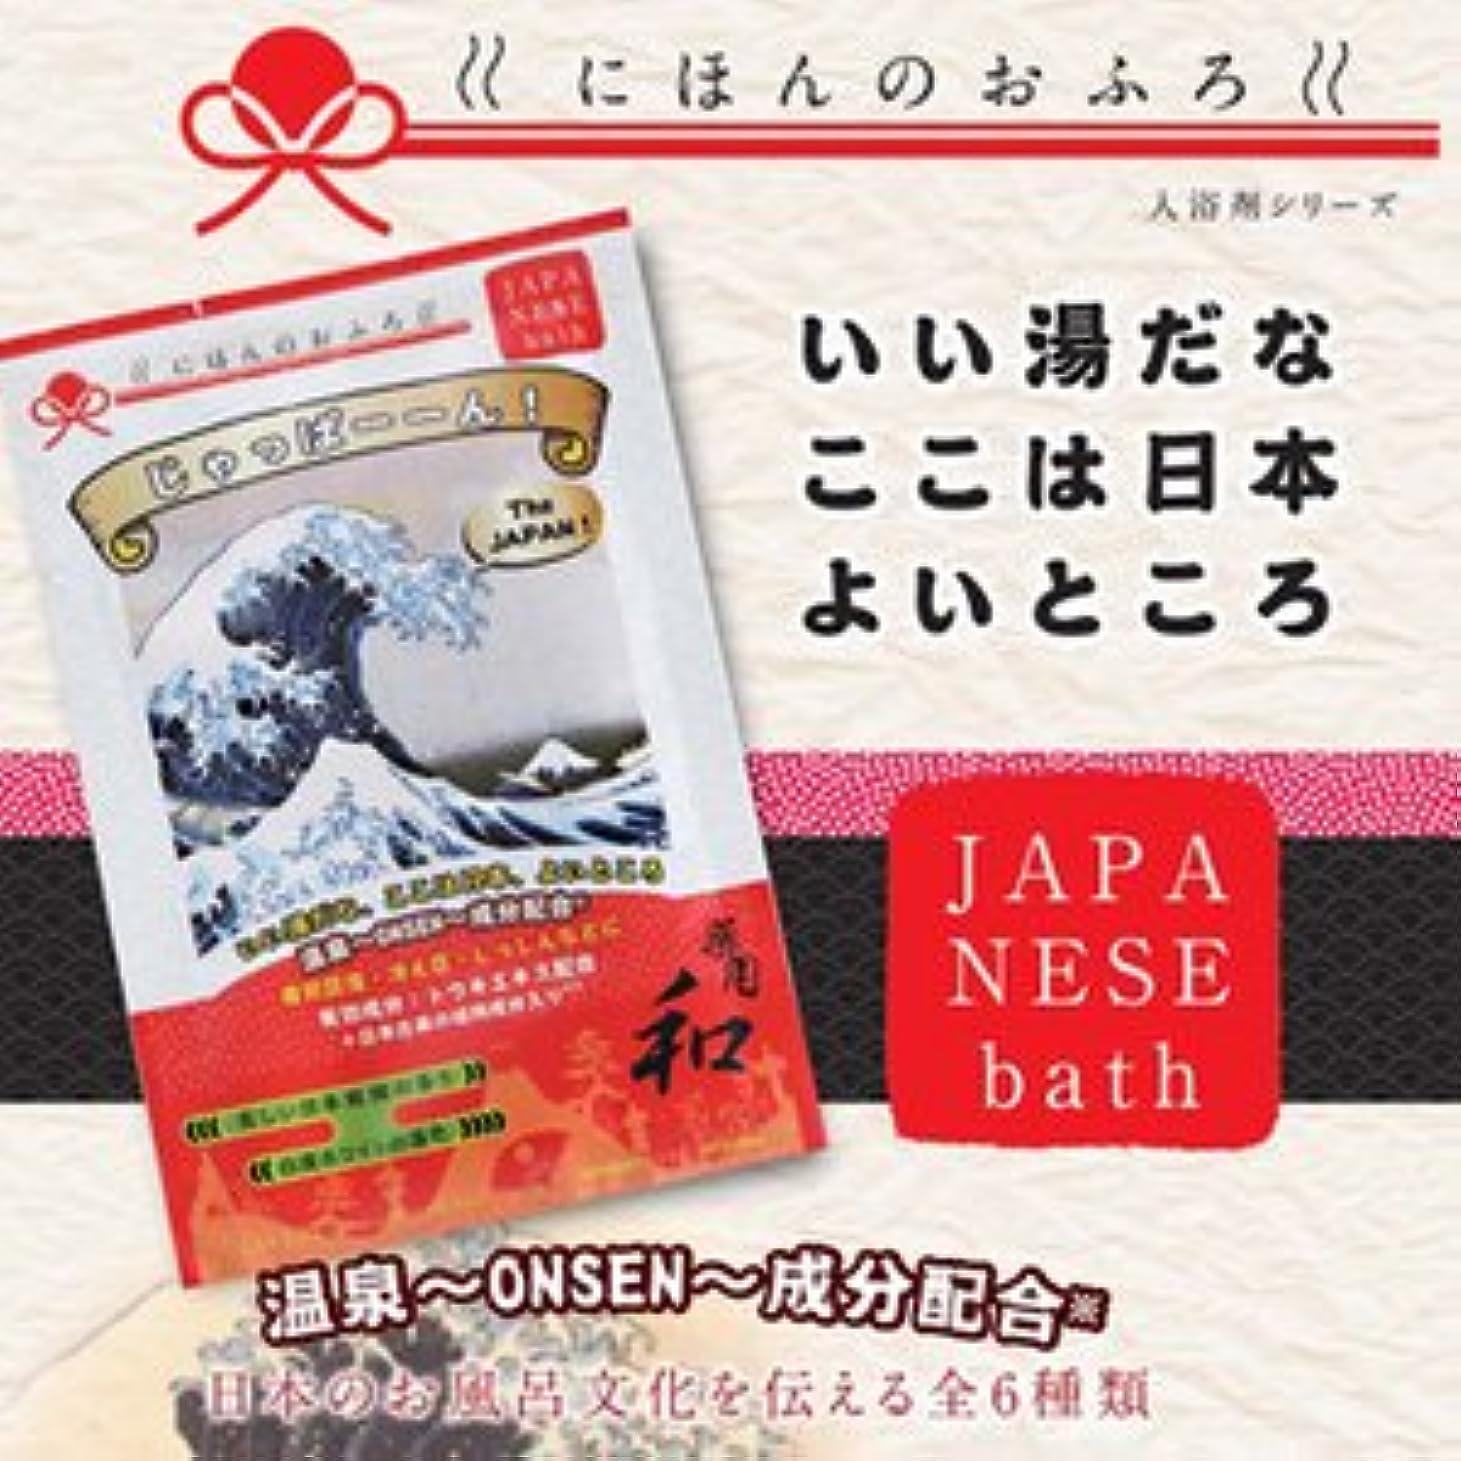 トマトカストディアン調整可能日本のお風呂 全部ためせる6種類セット 入浴剤 福袋/入浴剤福袋